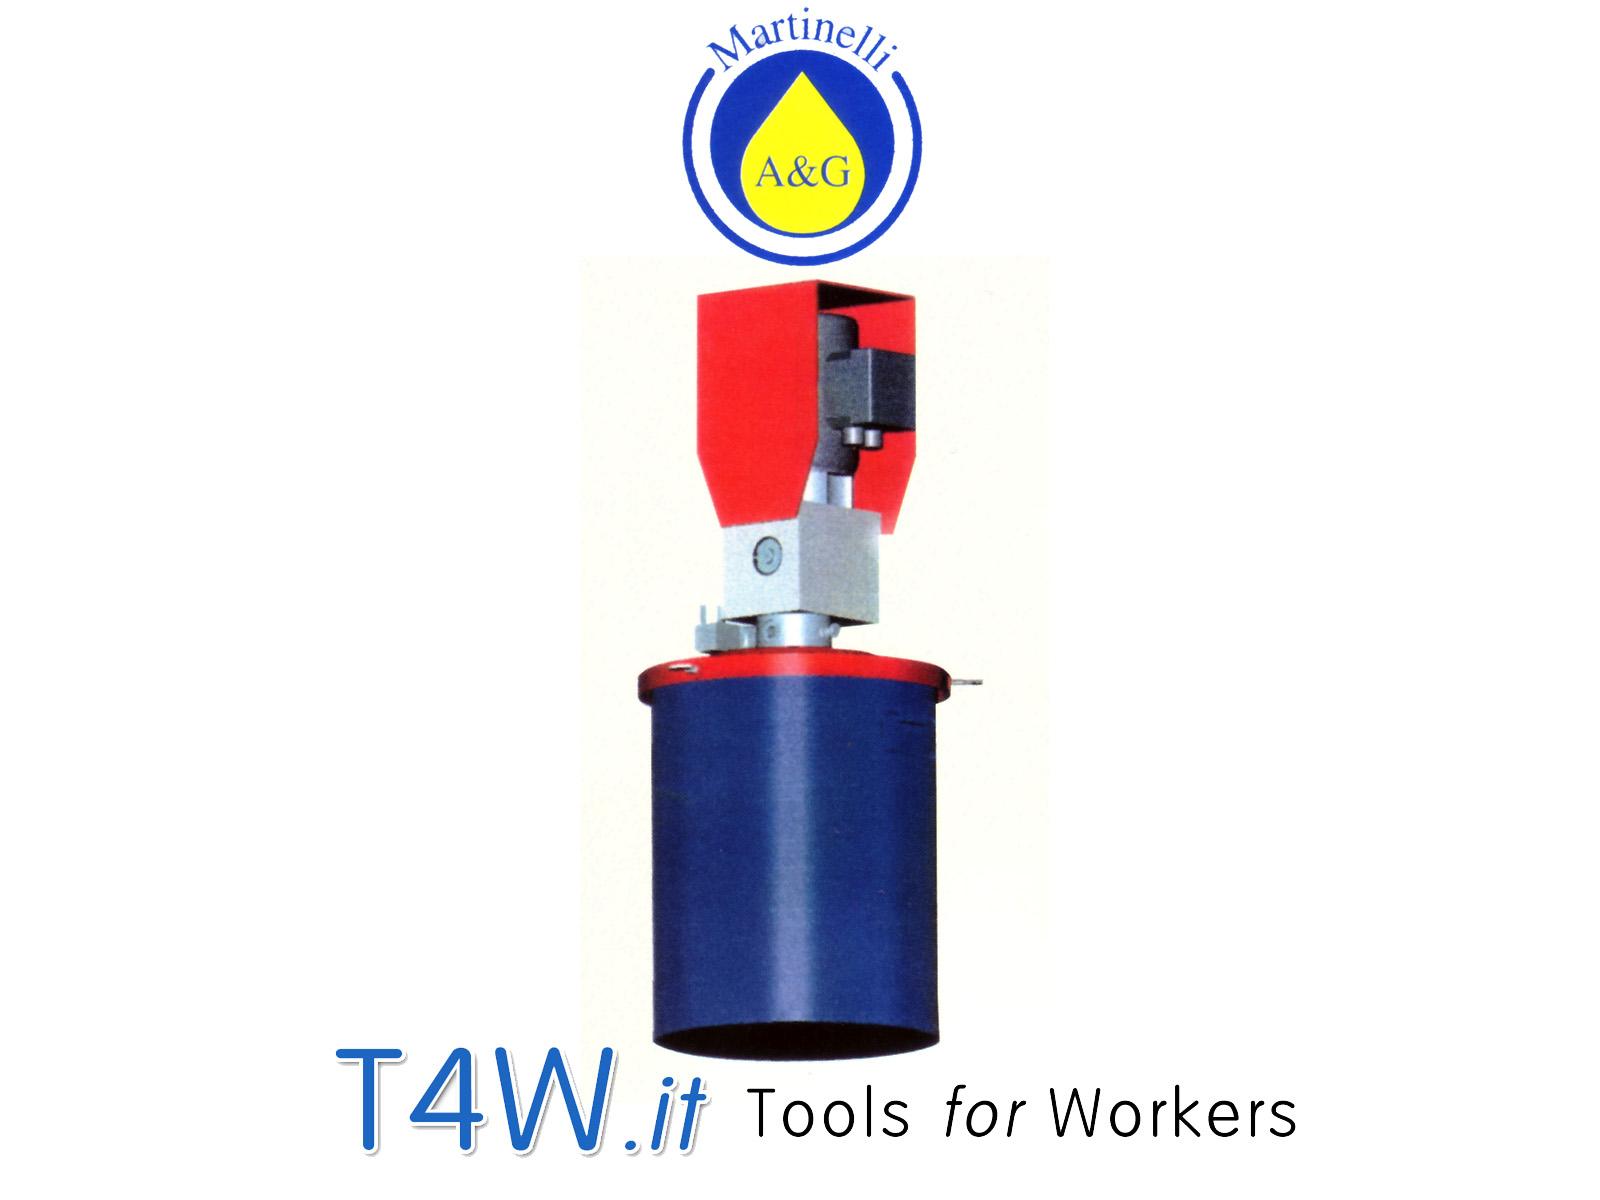 Pompa per grasso elettrica ABNOX Art. 2570 Martinelli -